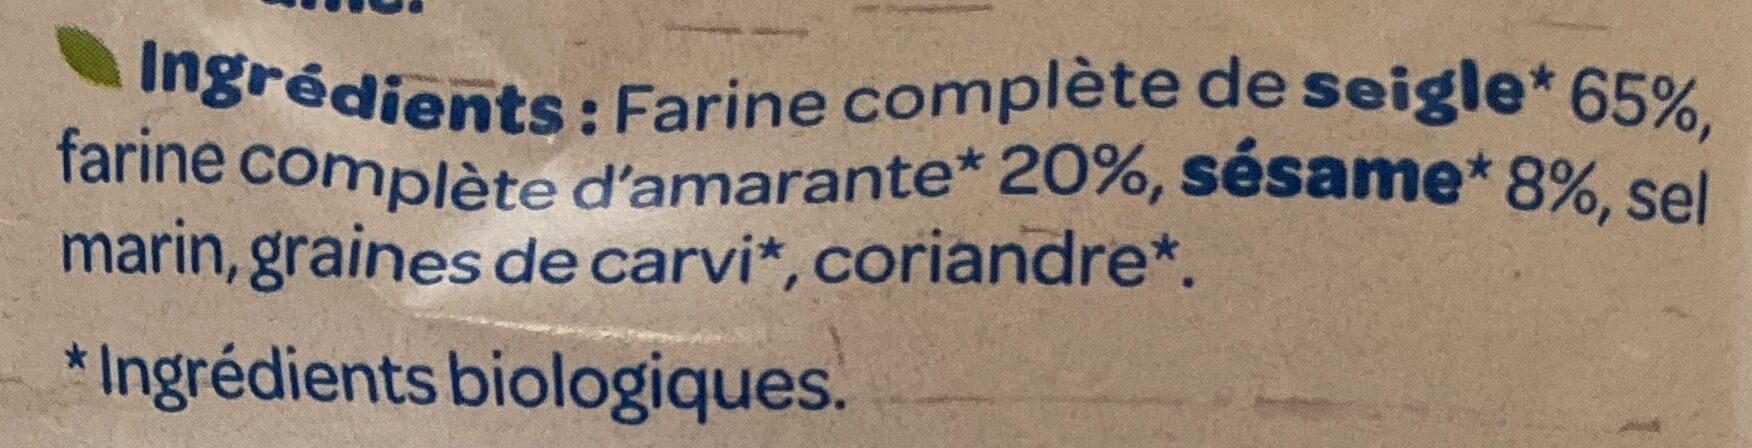 Tartines croustillantes Seigle Sésame - Ingredienti - fr